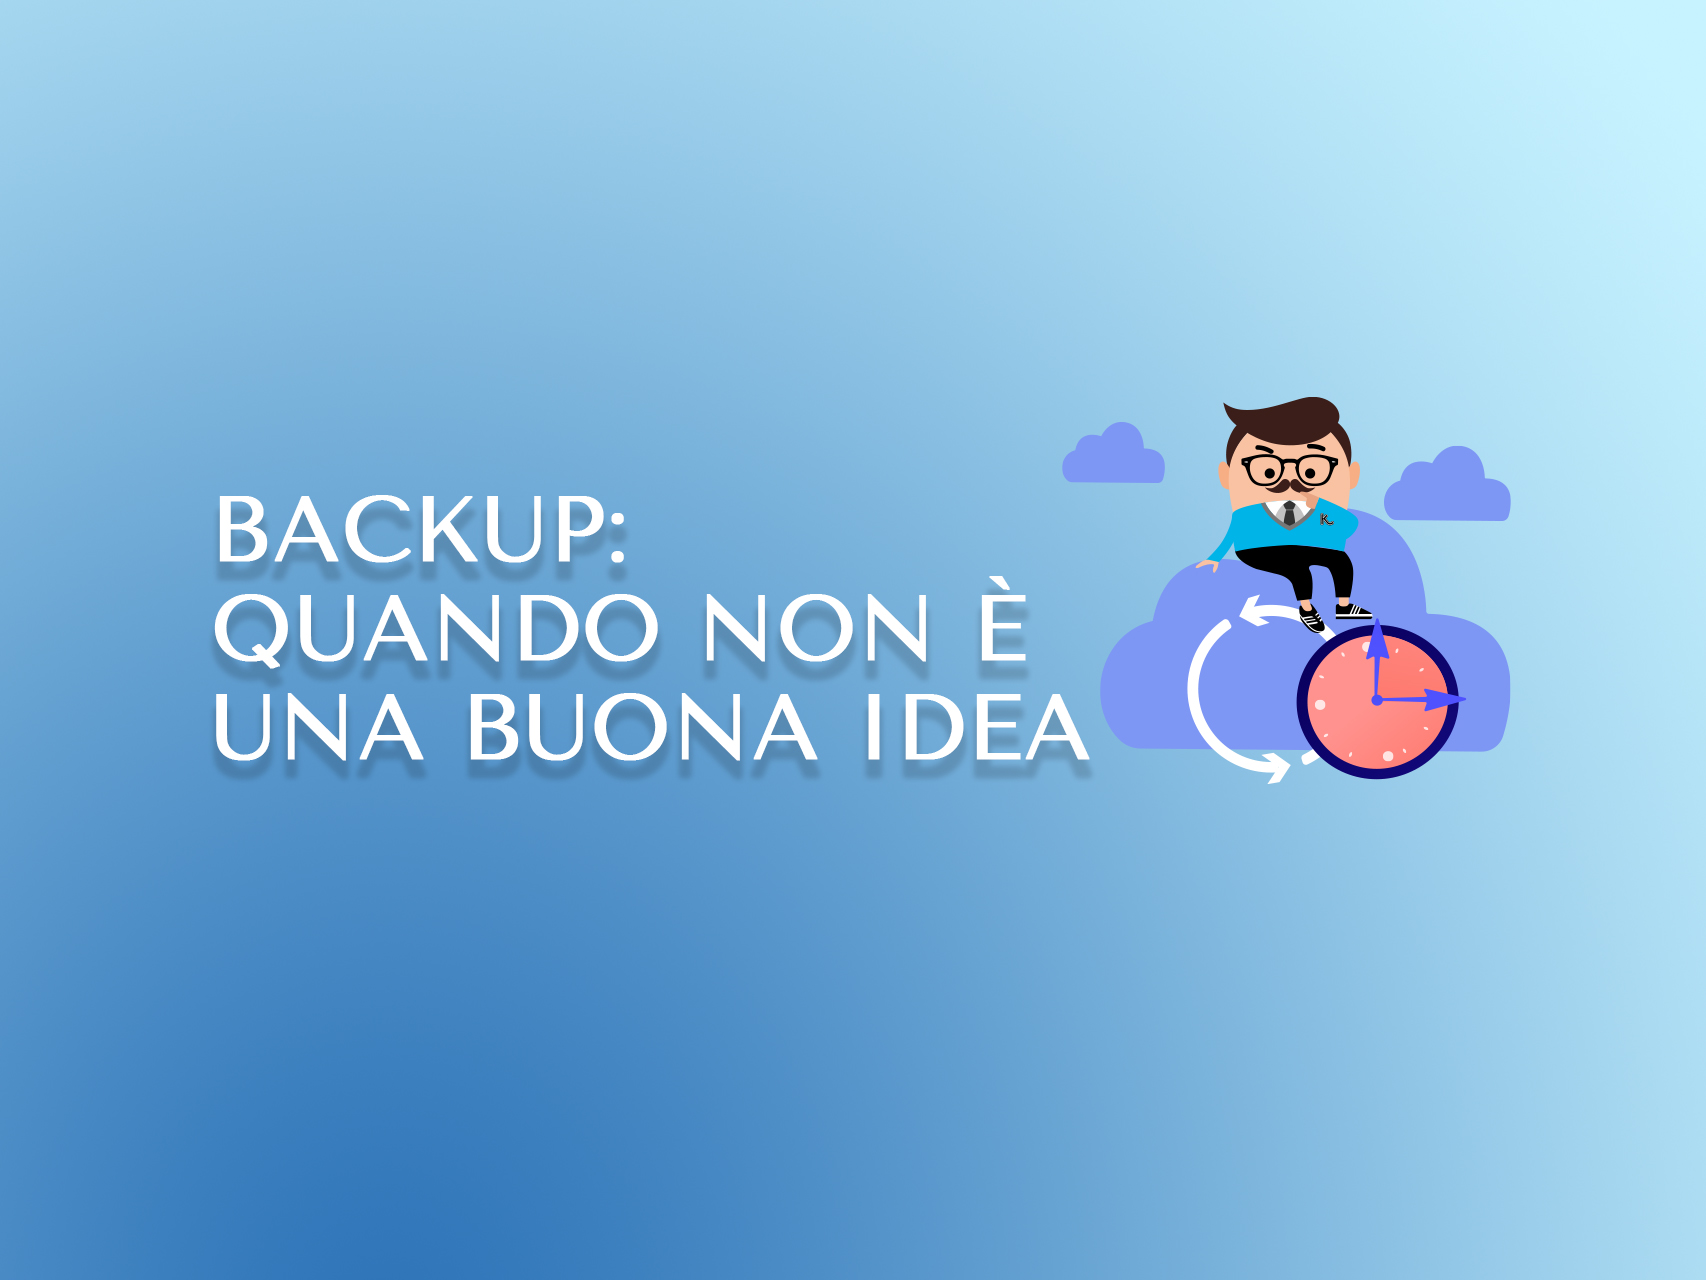 Backup: quando non è una buona idea